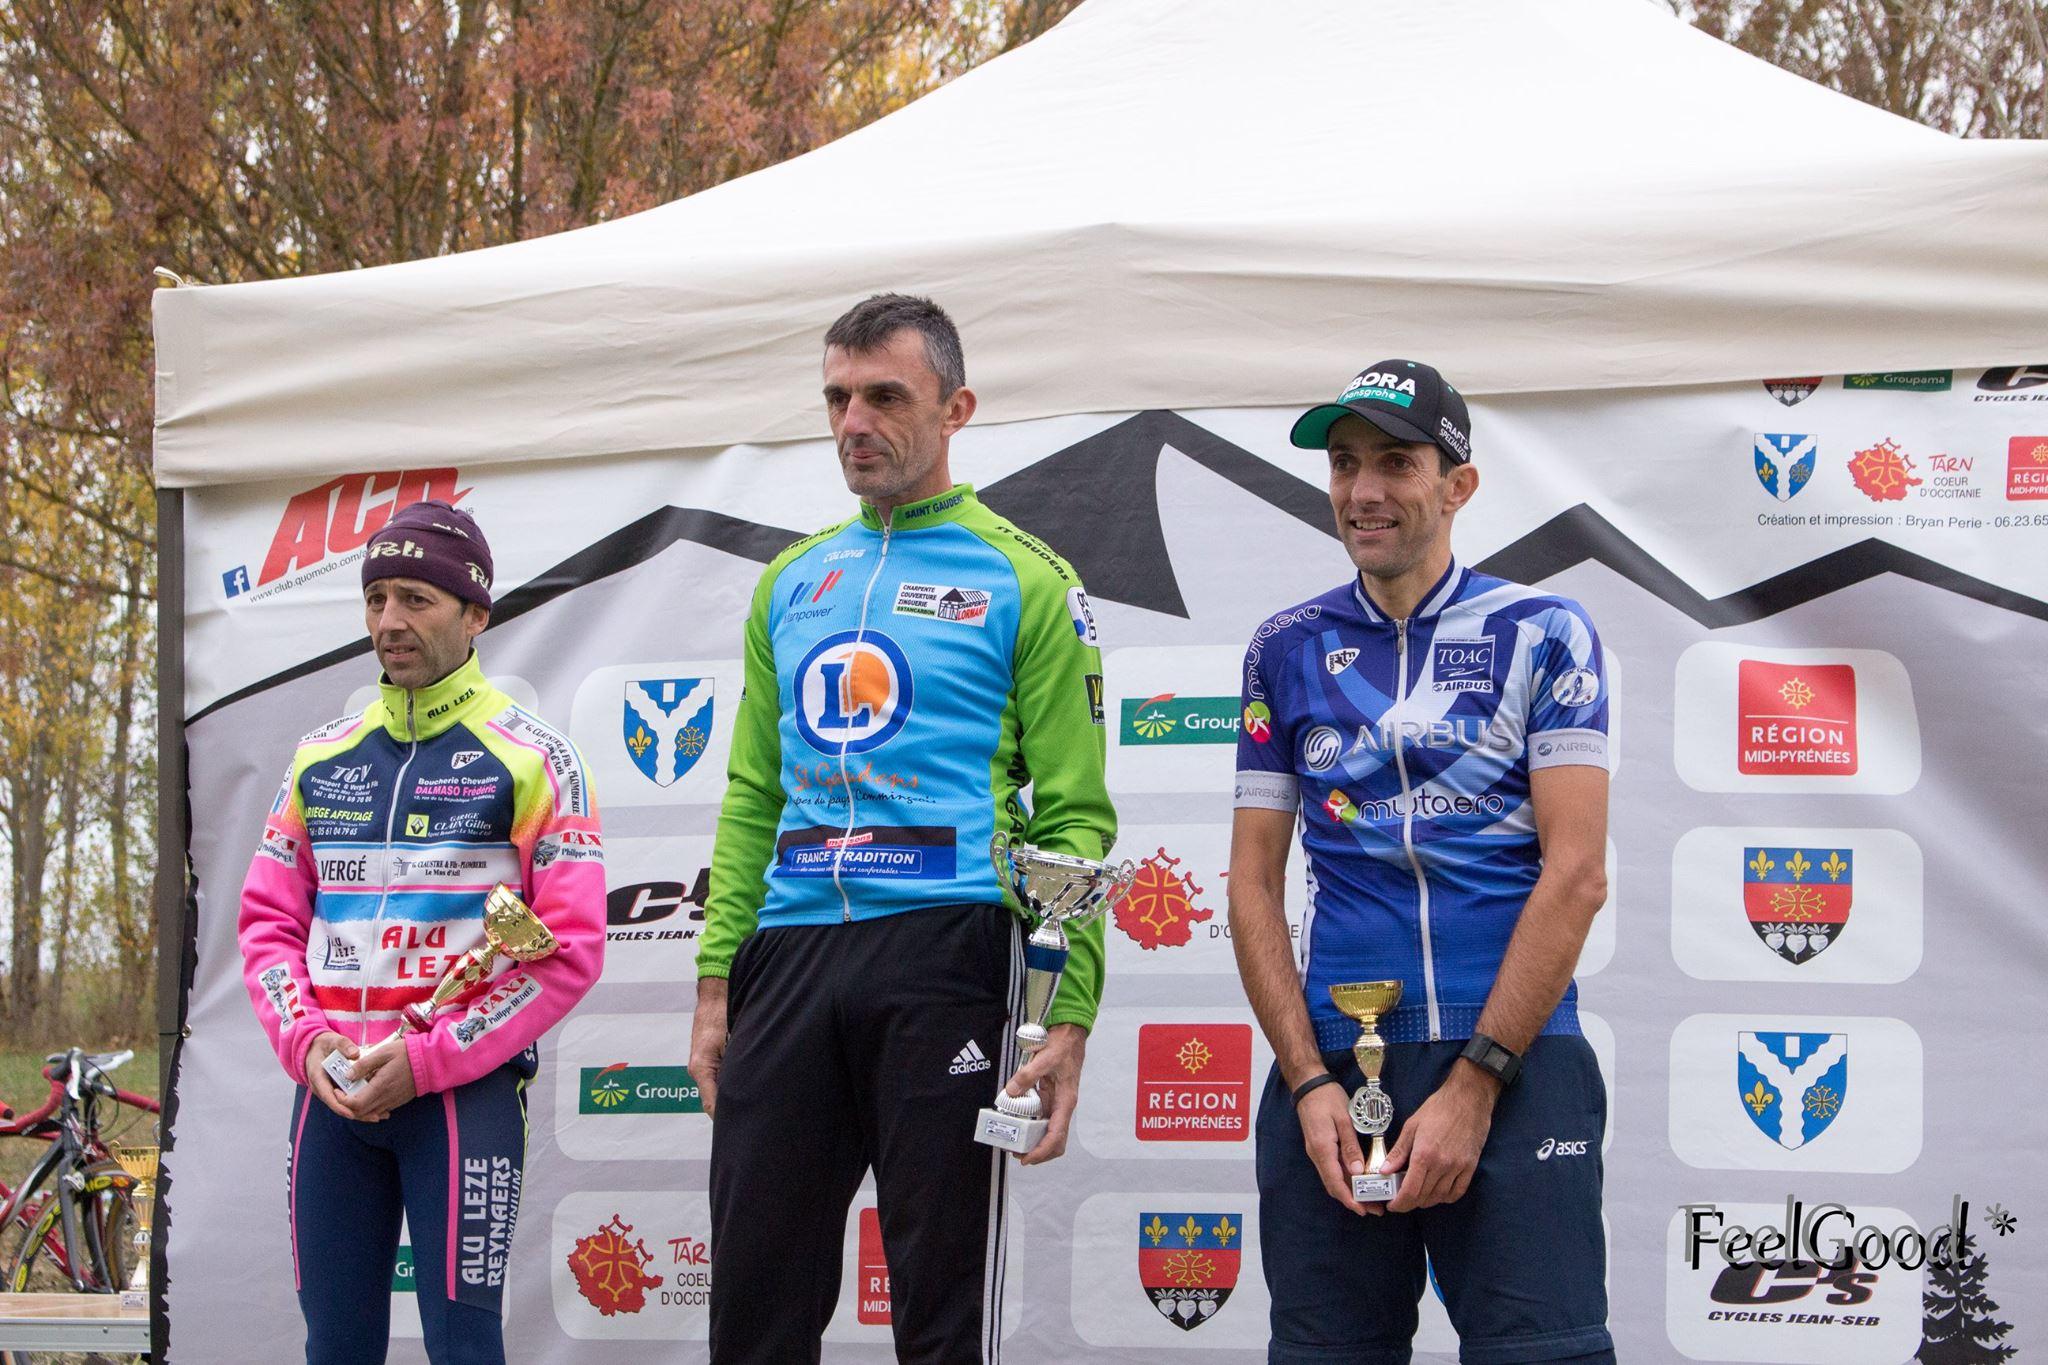 3e place de Christophe dernière Michel Bonzom et Jérôme Dandine!